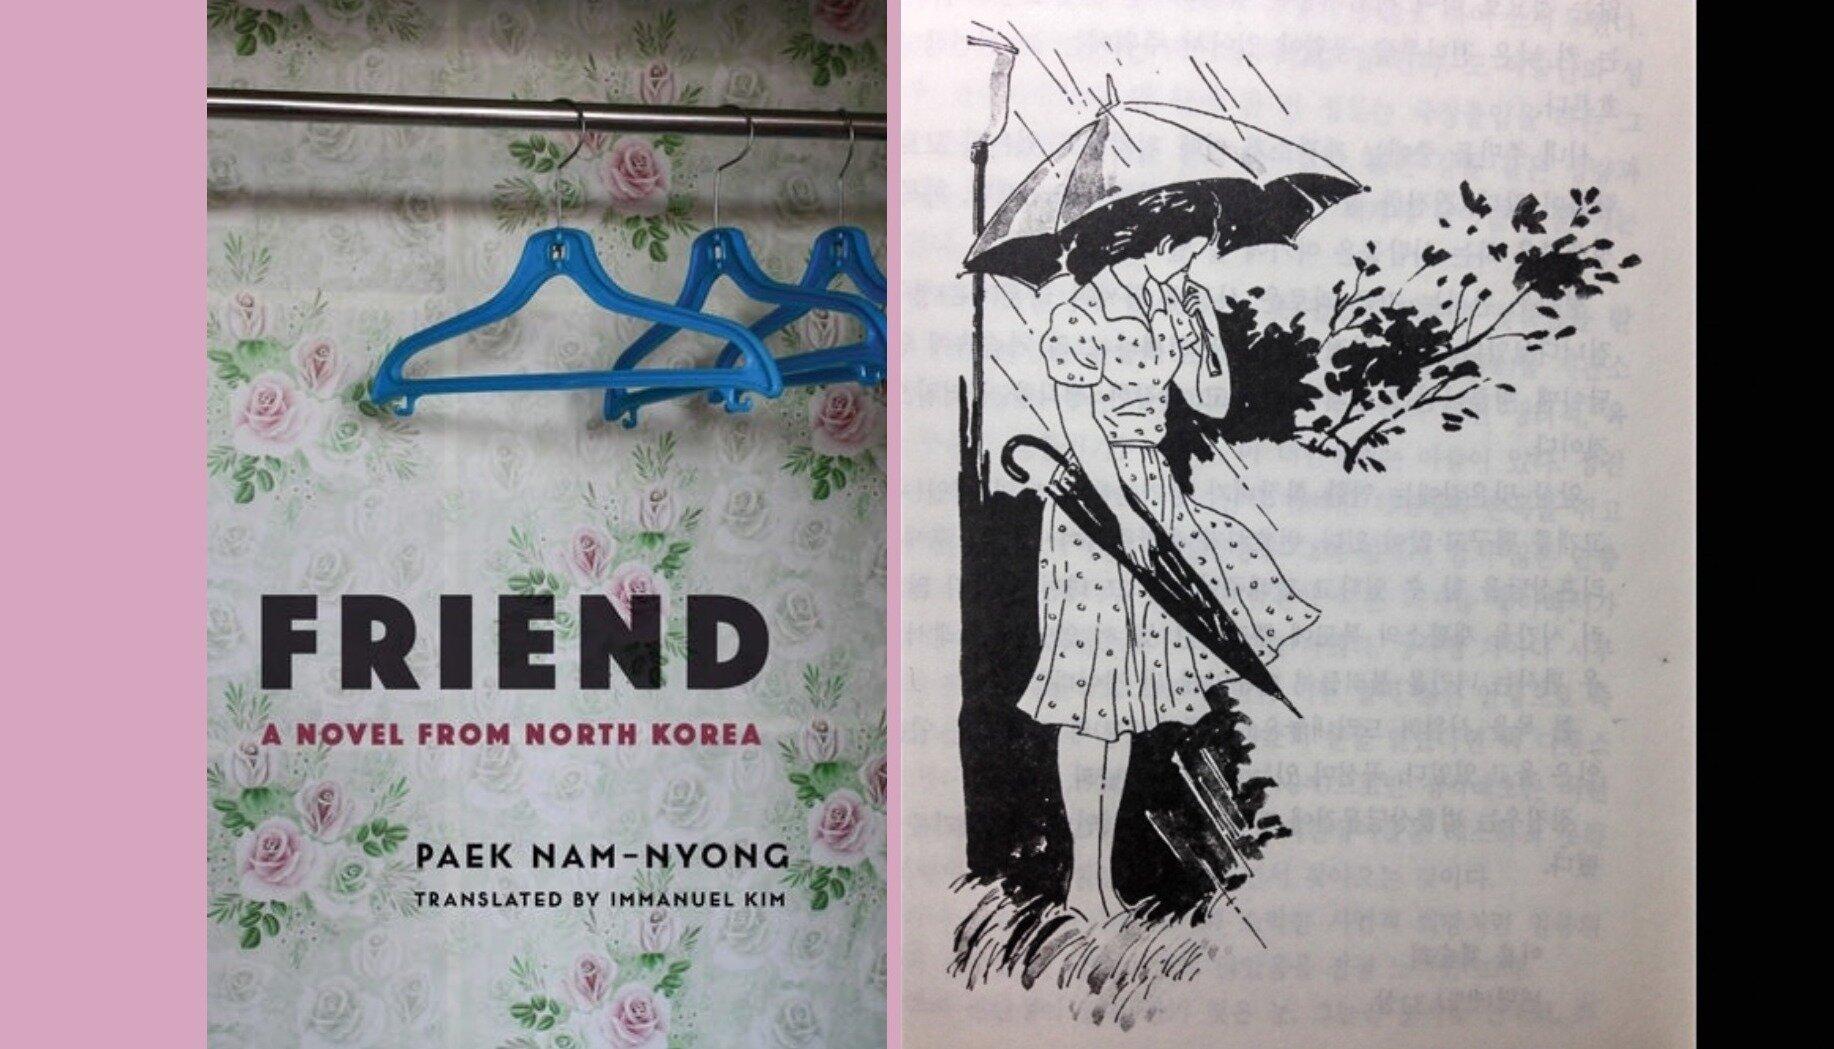 Північна Корея вперше дозволила видати роман свого автора англійською мовою